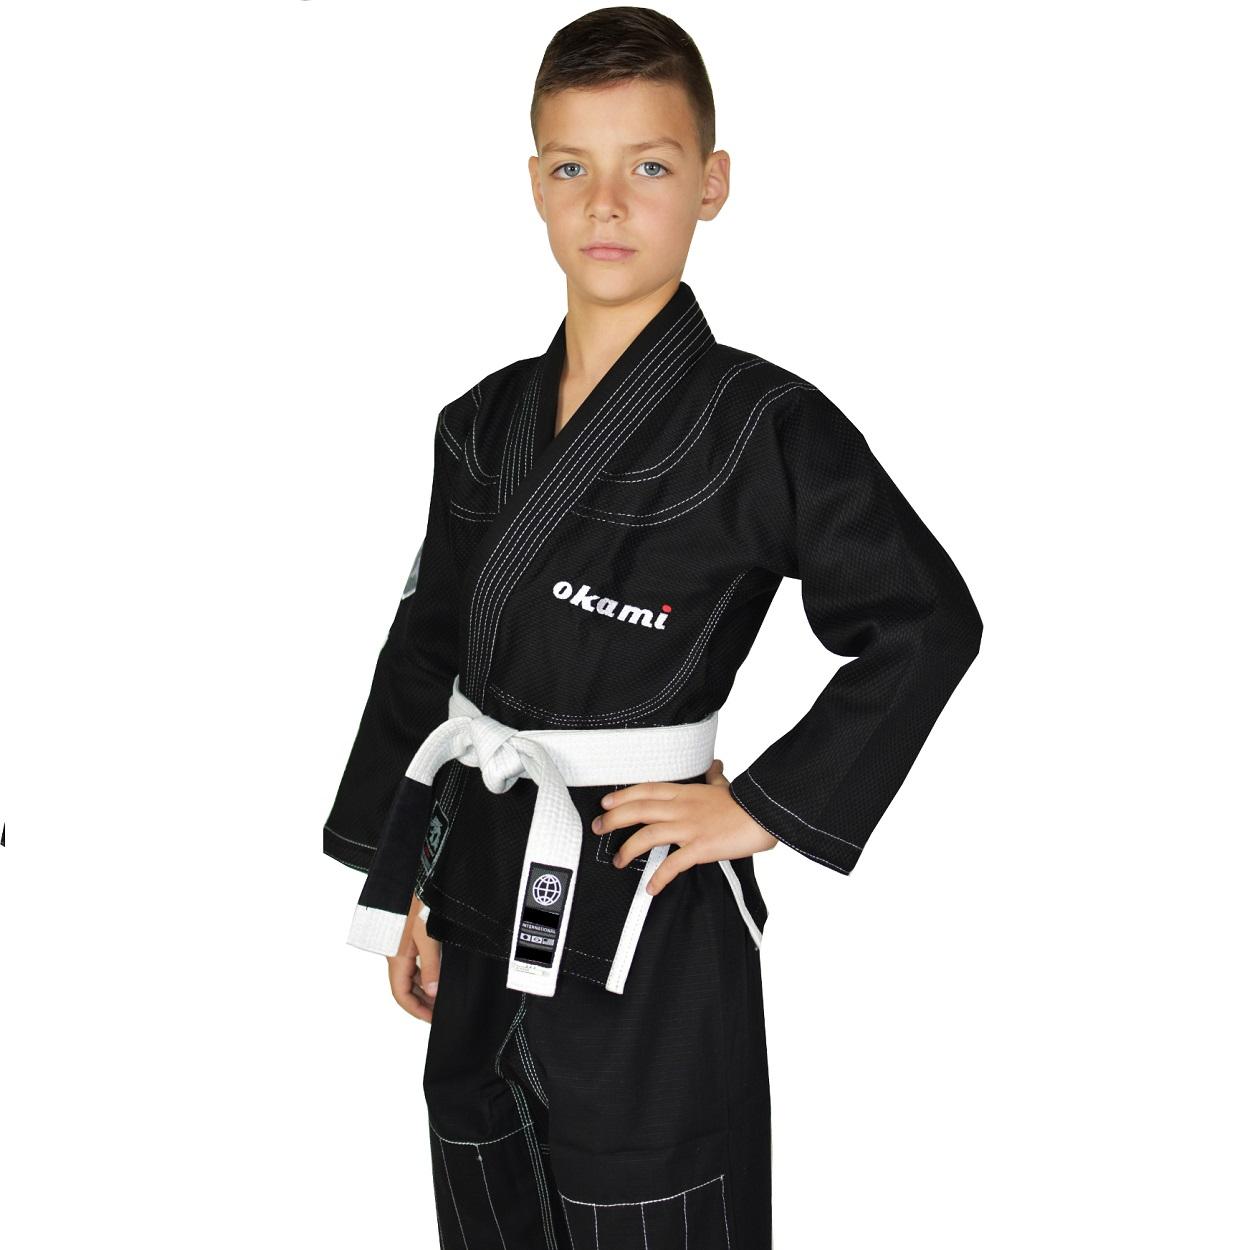 Kinder Kids Jungen M/ädchen BJJ Gi Kimono Jiu Jitsu Anzug f/ür Kinder und Jugendliche OKAMI Fightgear Kinder BJJ Gi Shield Schwarz